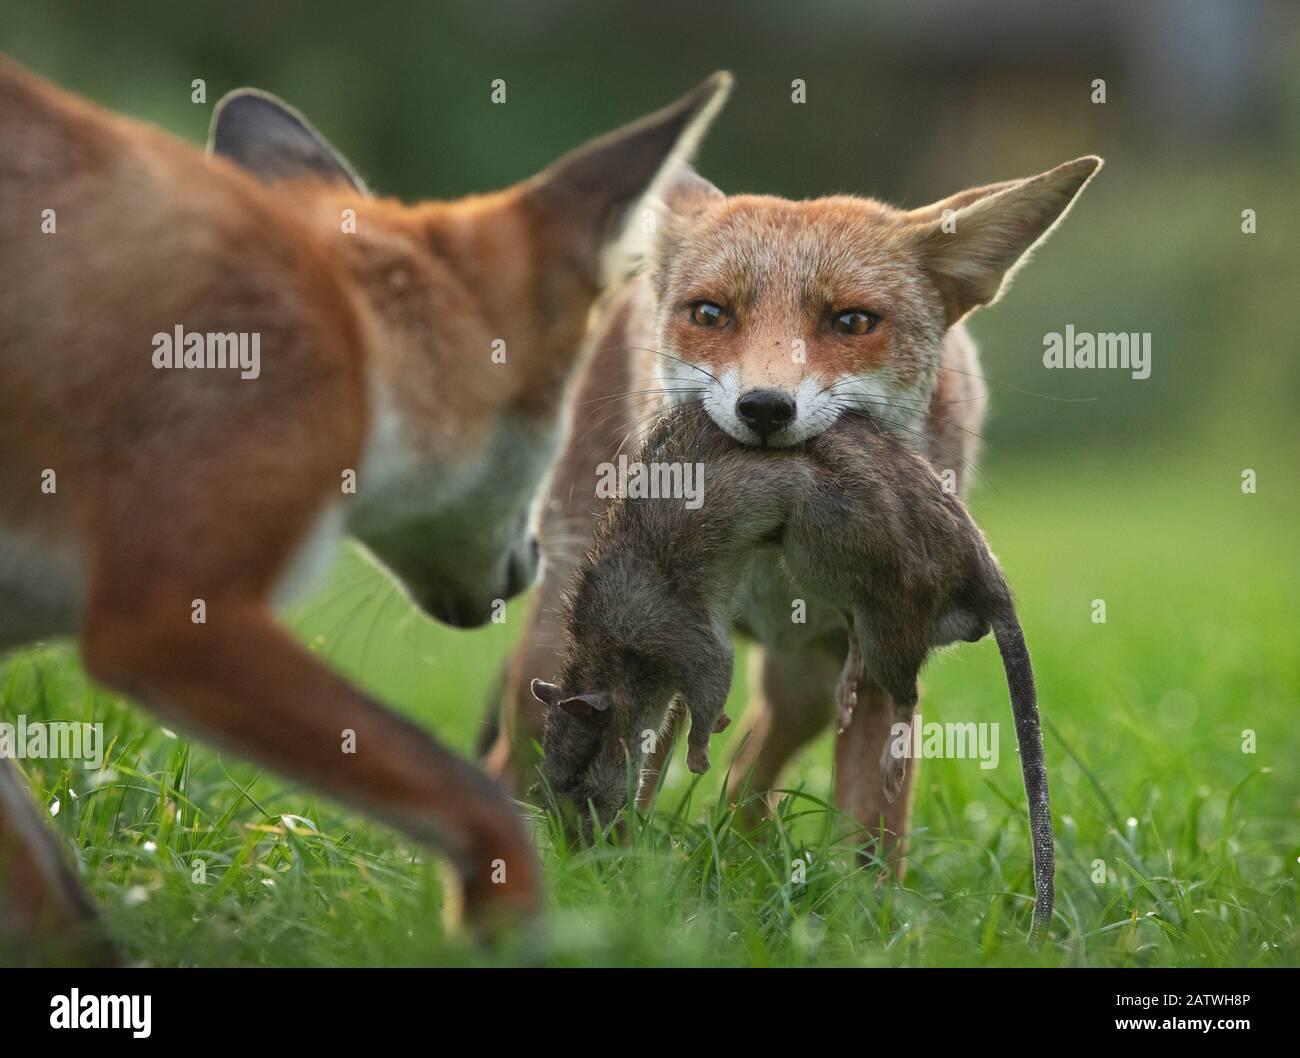 Zorro rojo (vulpes vulpes) cachorro defendiendo su matar (una rata marrón muerta grande (Rattus norvegicus)) de otro cachorro, del norte de Londres, Reino Unido. Agosto. Foto de stock